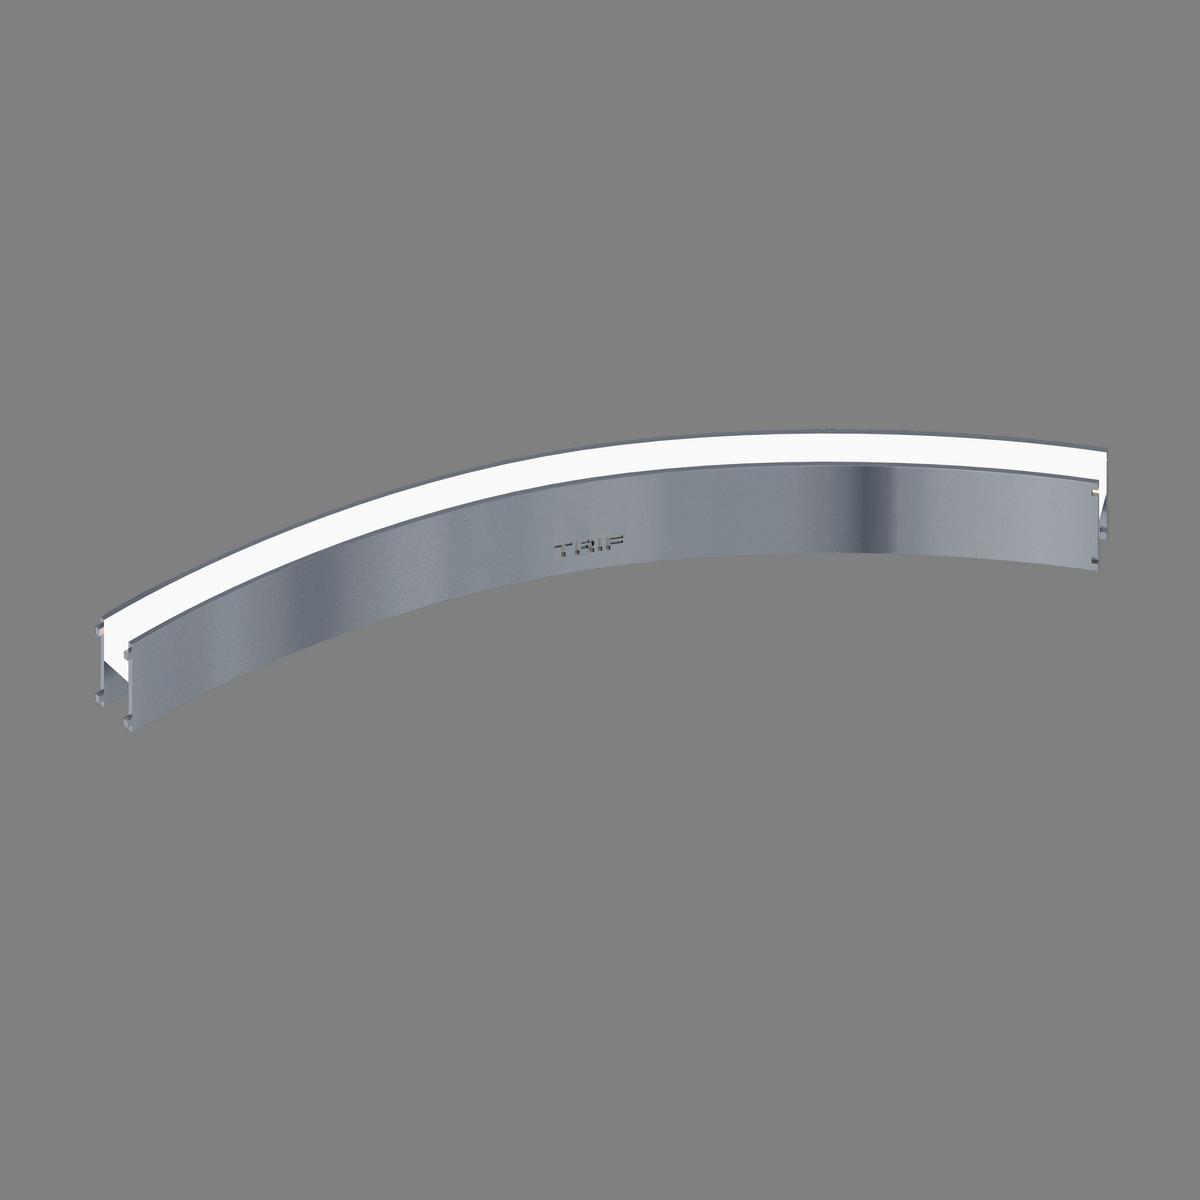 ТРИФ производит грунтовые линейные светодиодные светильники стандарта IP68 /+лёд